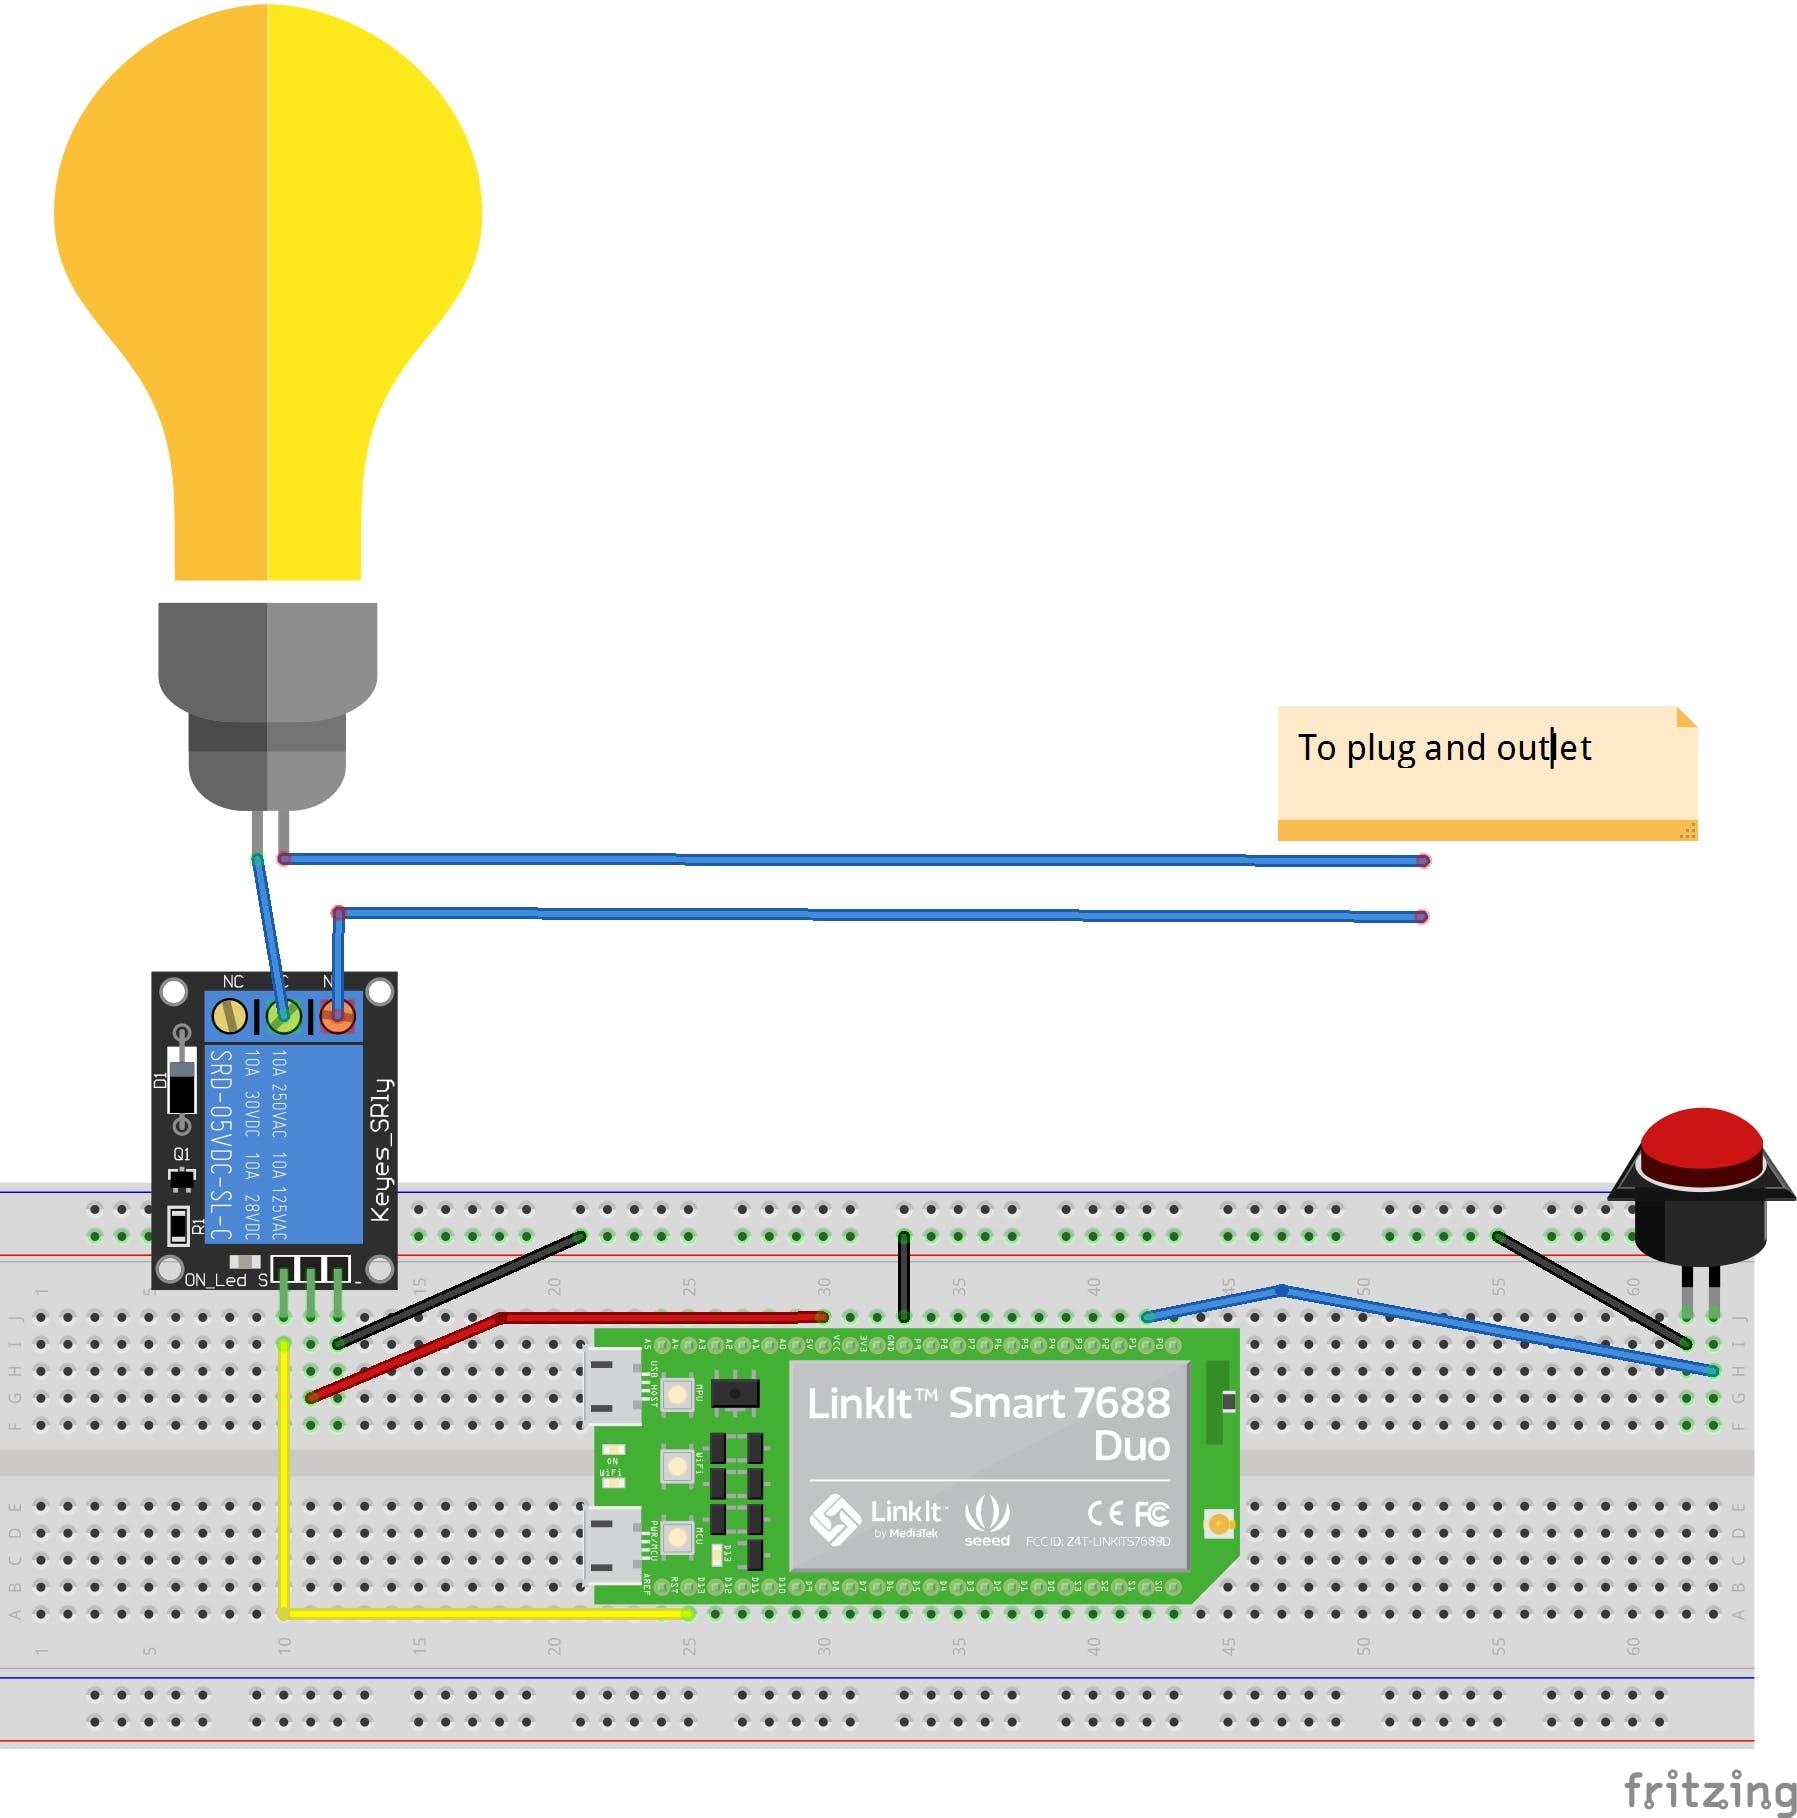 Prototype solution